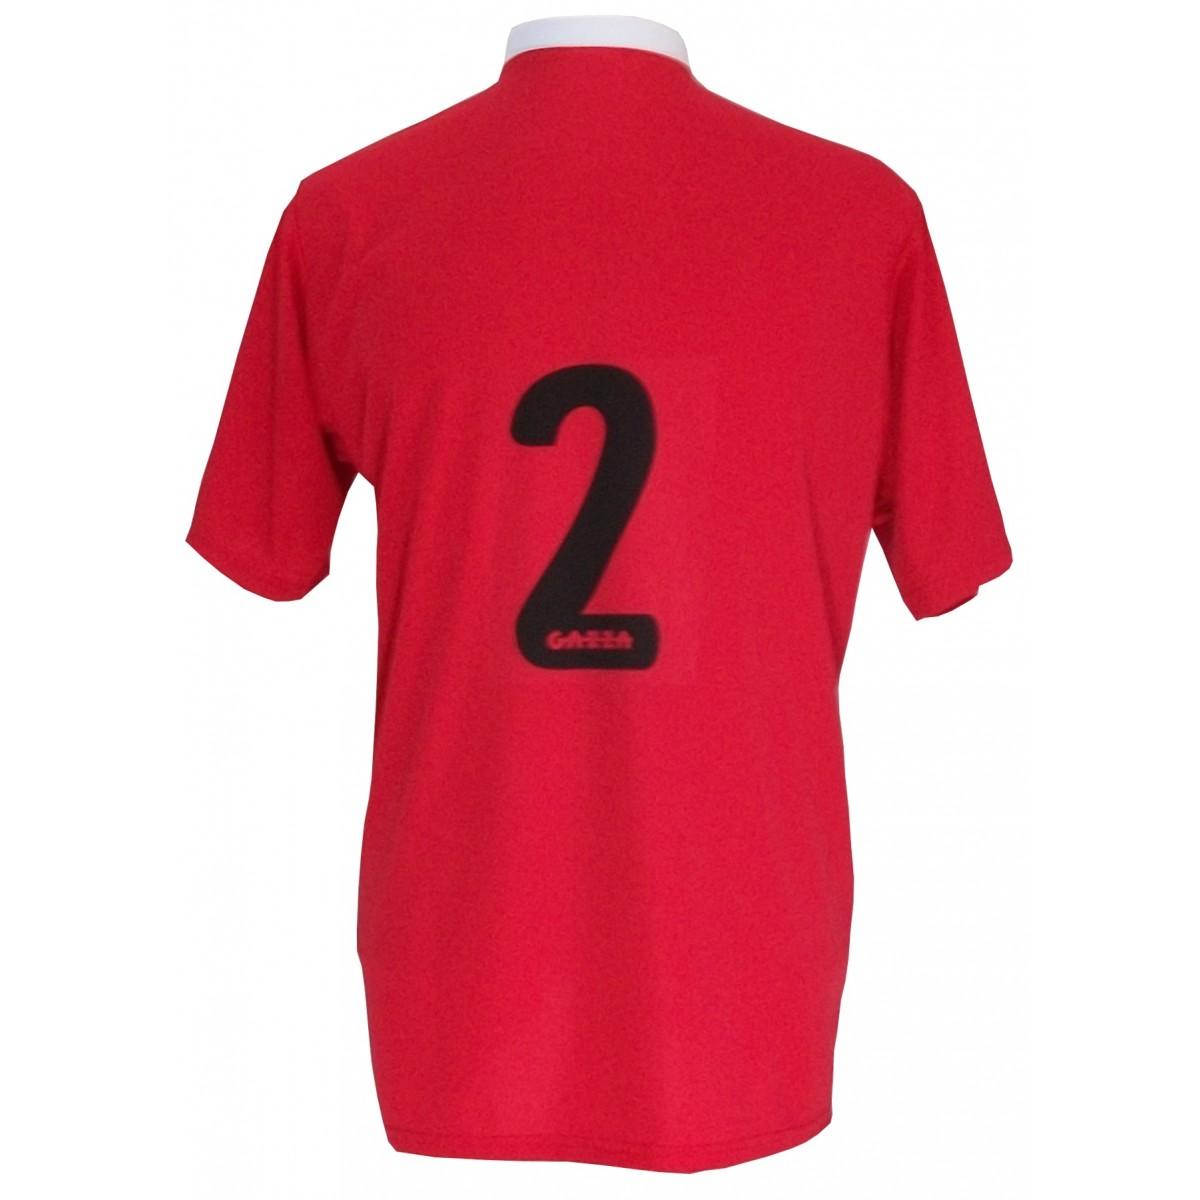 Jogo de Camisa com 14 unidades modelo PSG Vermelho/Preto/Branco + Brindes